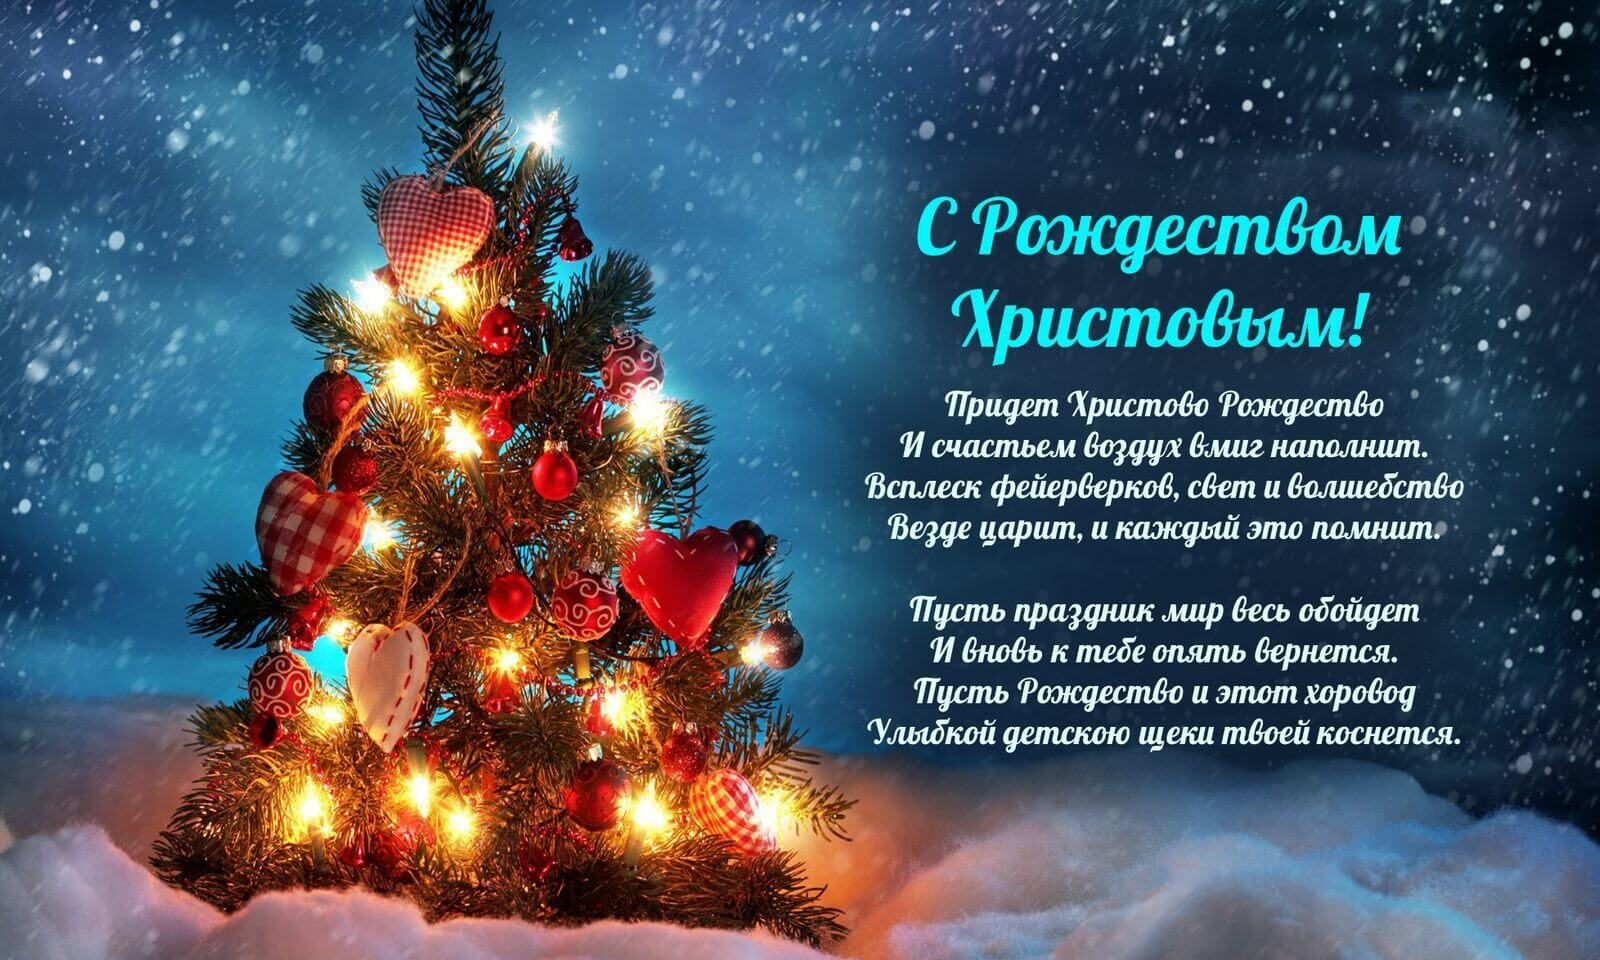 Поздравление с рождеством официальное в прозе